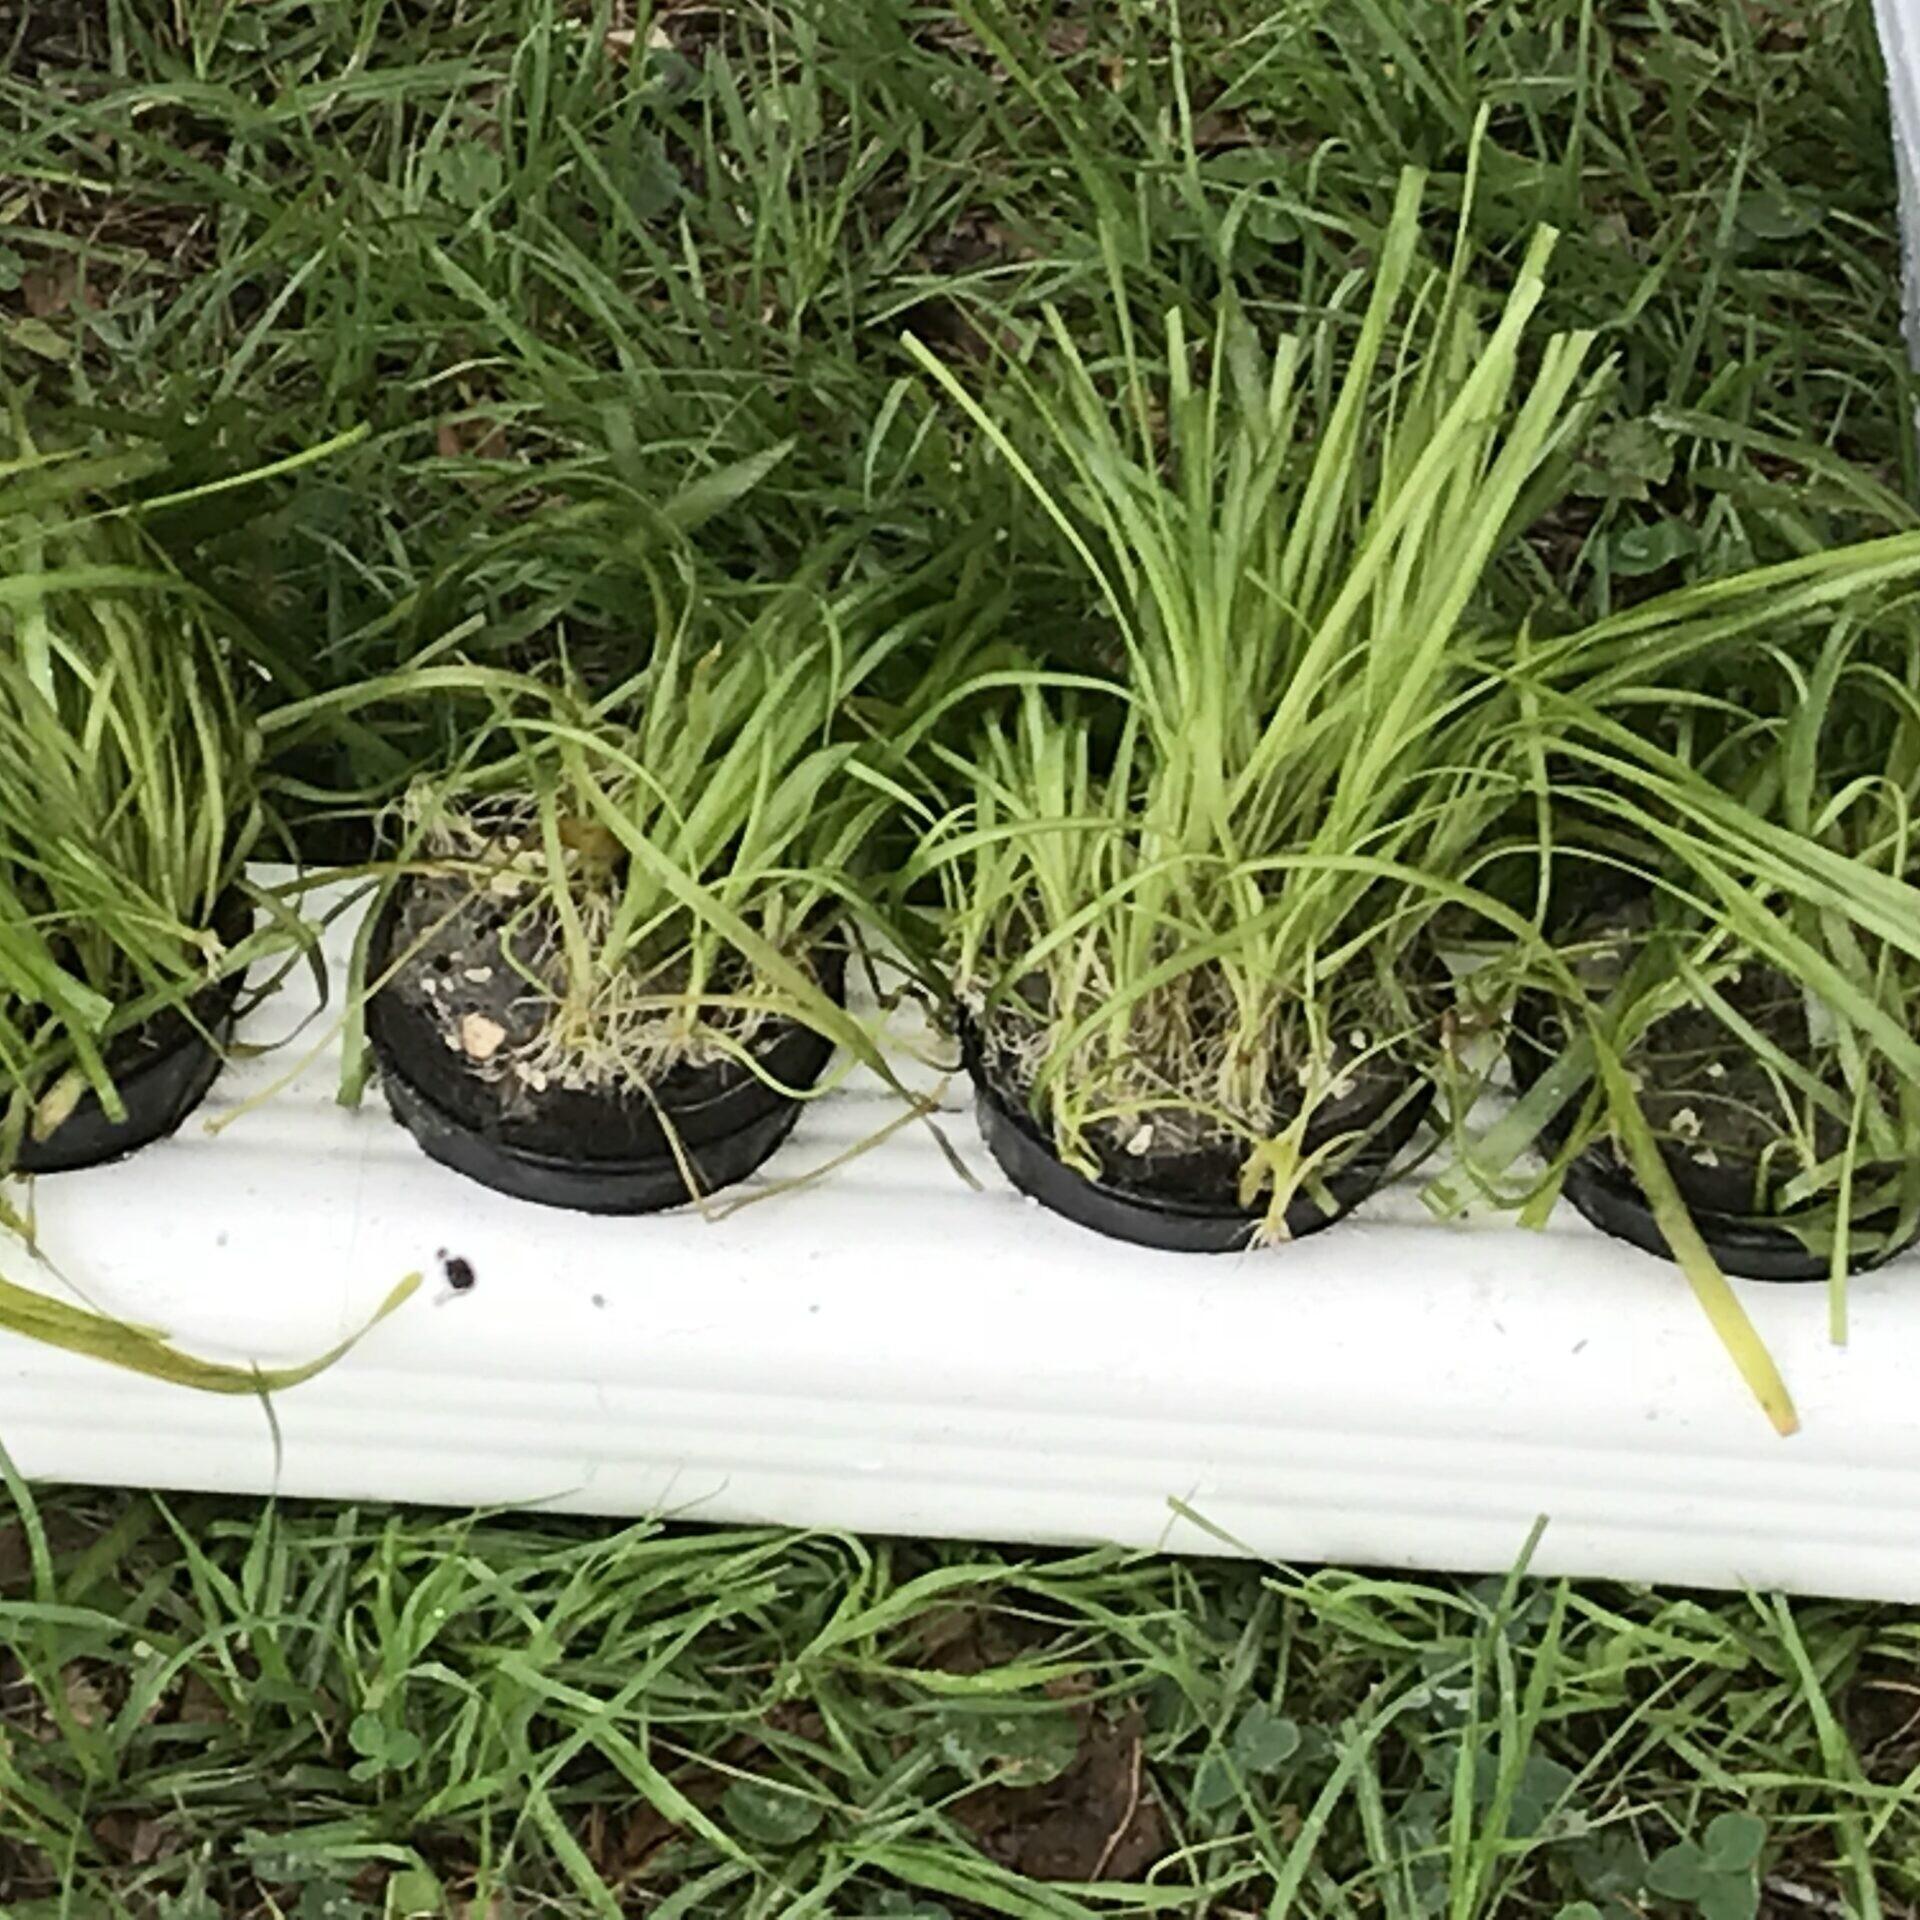 eelgrass cultivation